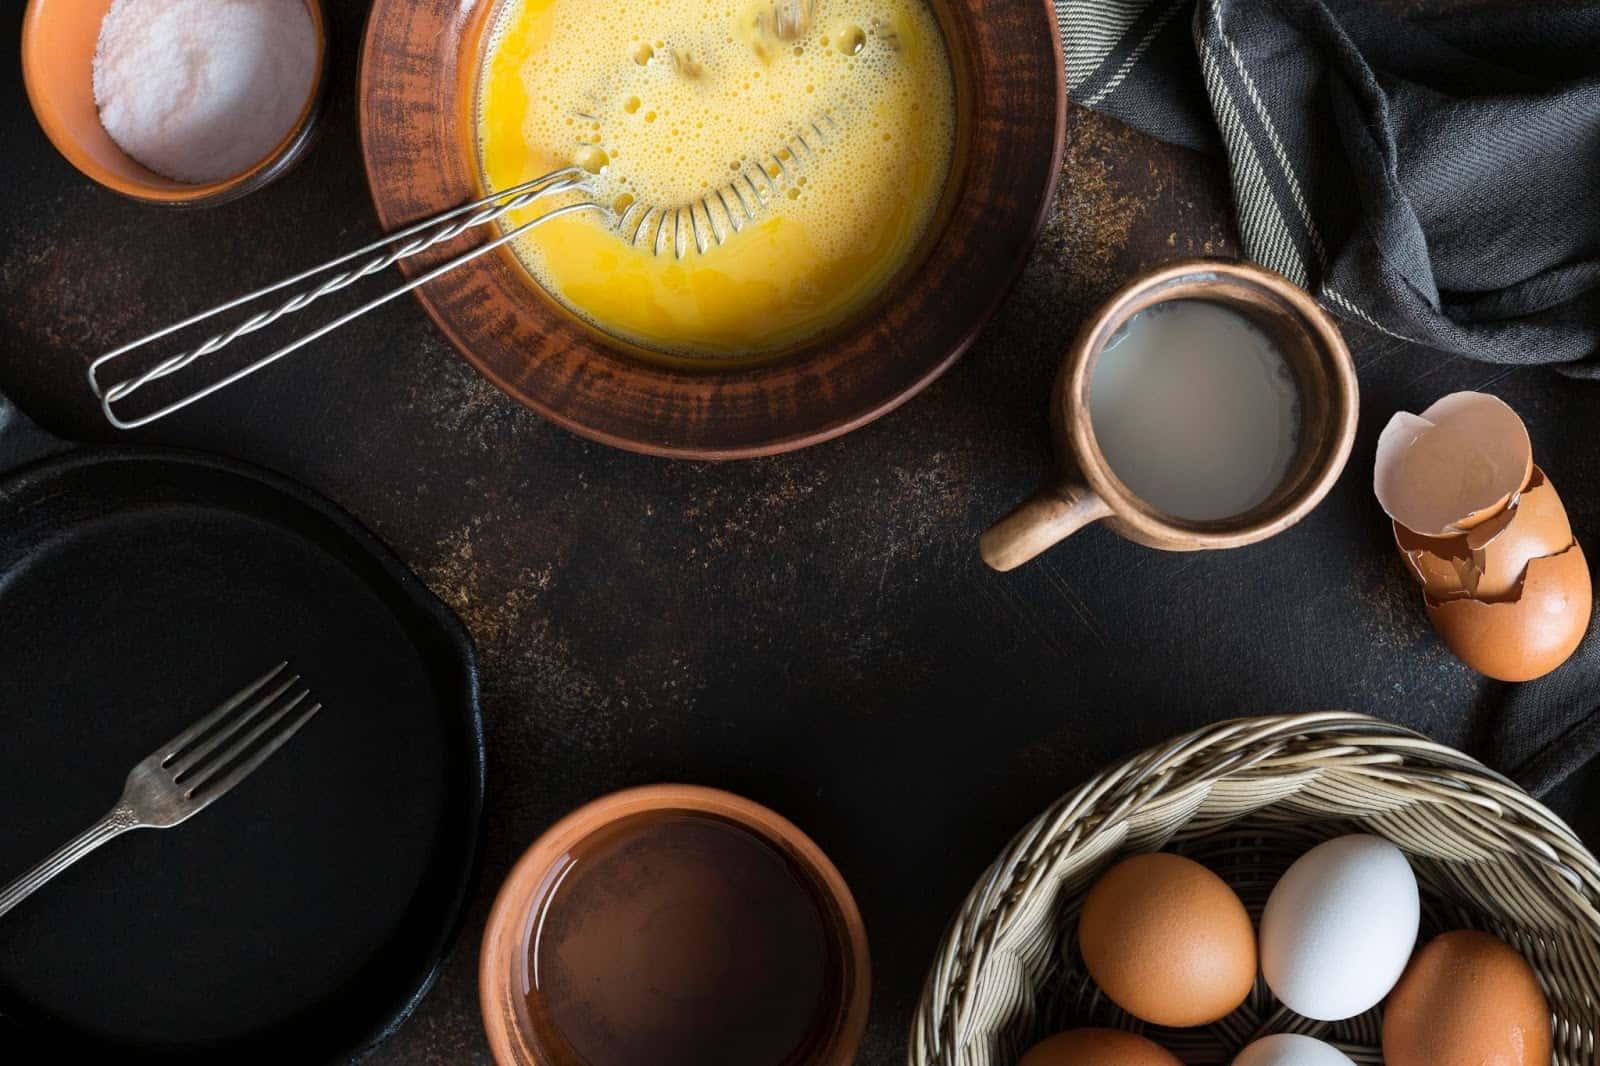 Na imagem, o preparo de receitas com ovos tendo um vasilhame com ovos batidos pelo batedor de metal, duas canecas em tons de marrom e uma cesta de ovos